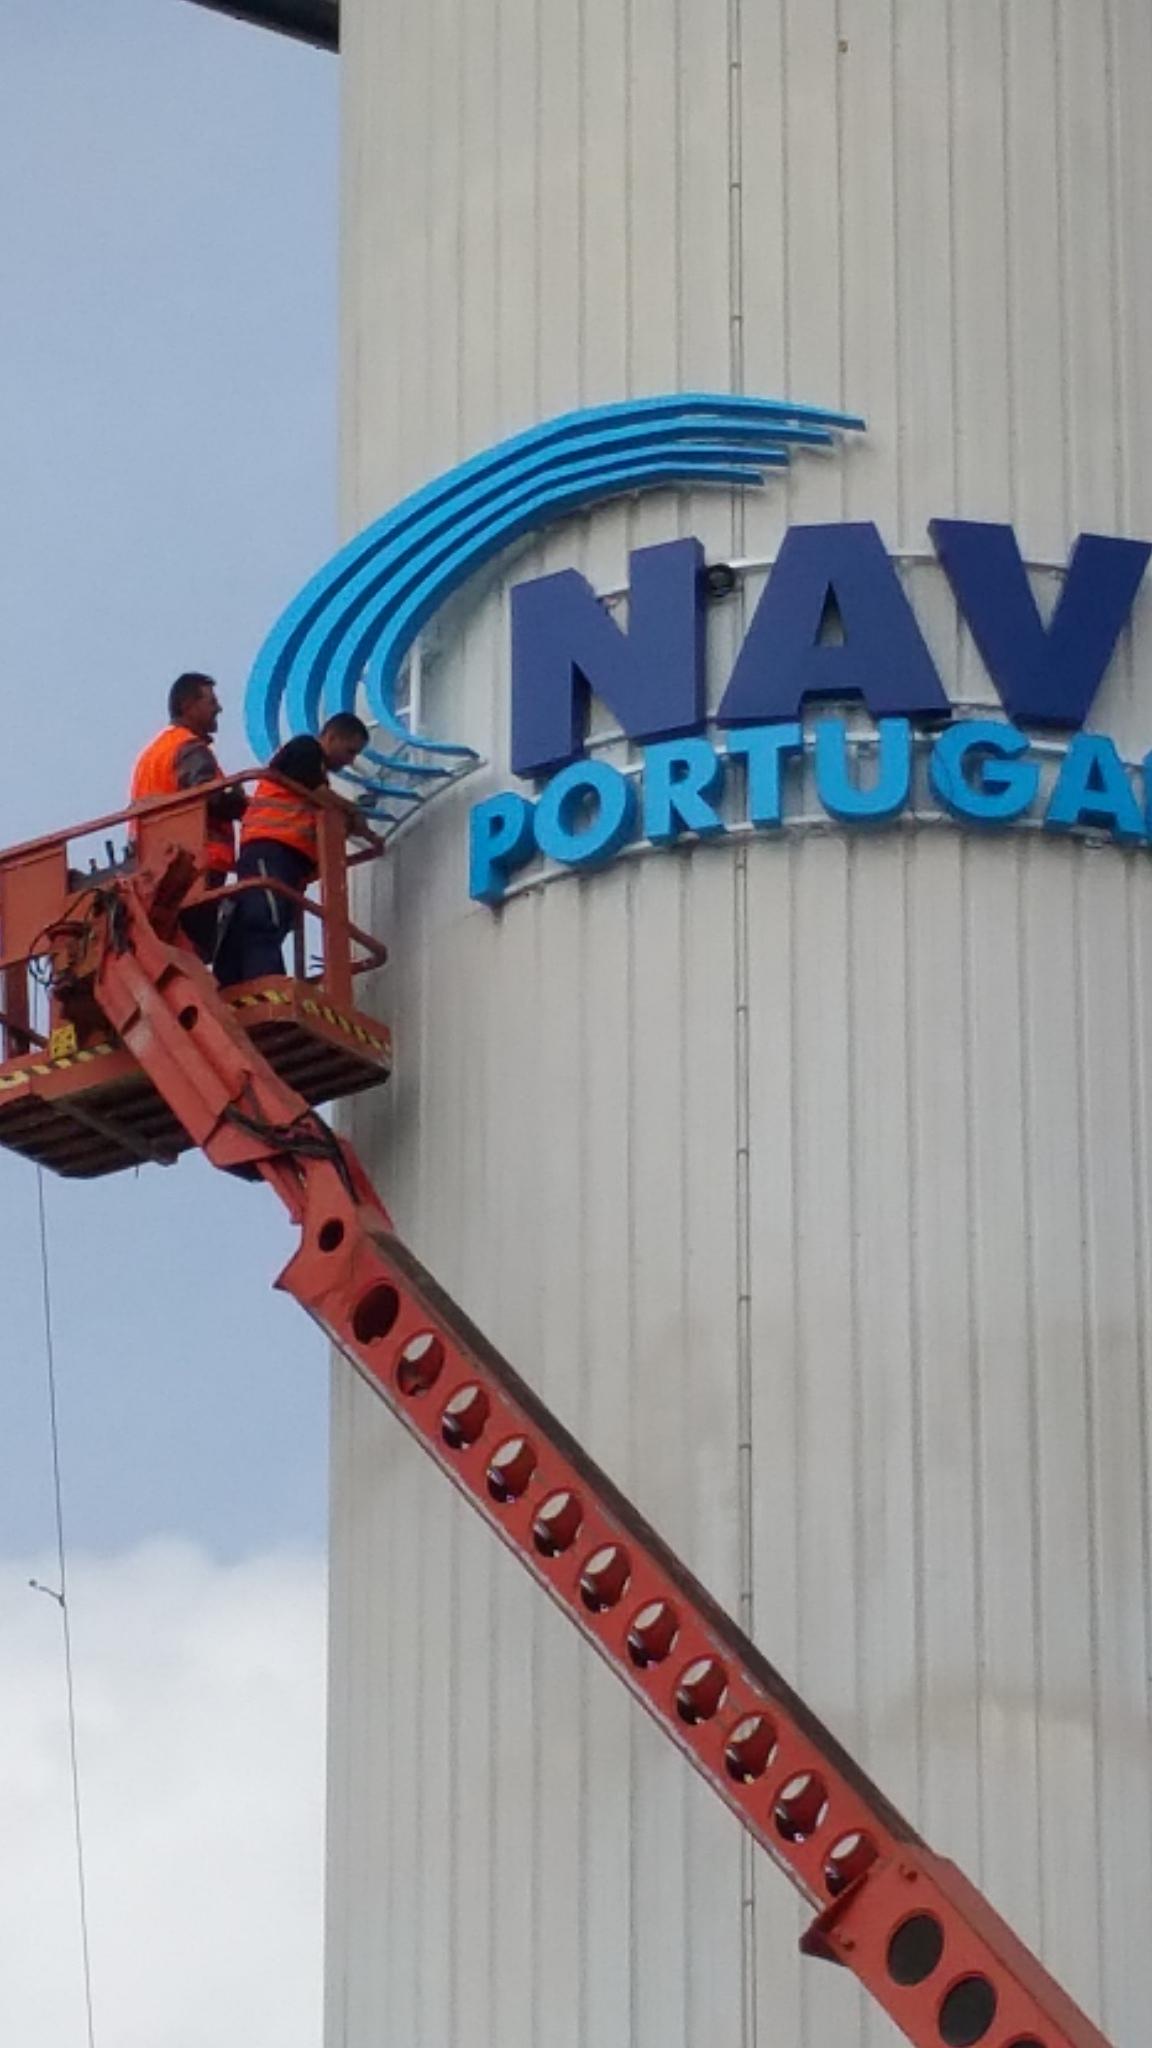 NAV – NAVEGAÇÃO AEREA PORTUGUESA – Empreitada Logotipos – Torre do RADAR – LISBOA